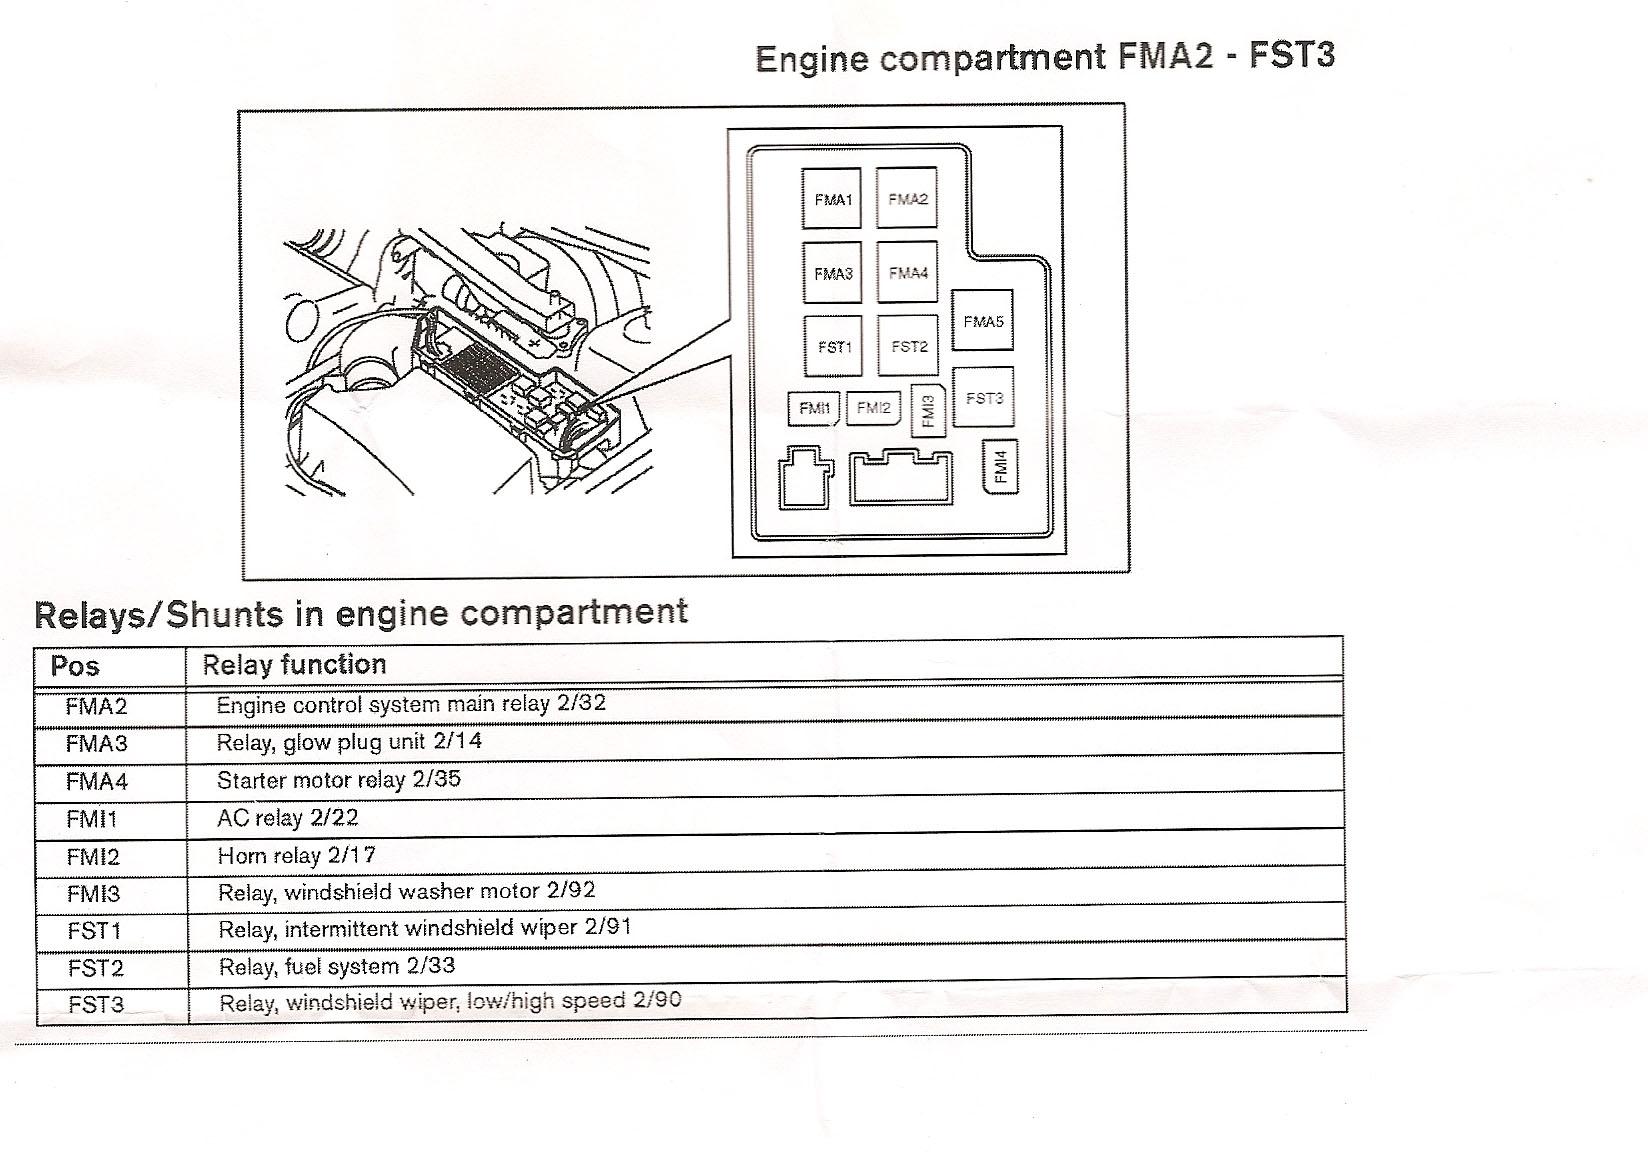 volvo s60 trunk fuse box diagram wire diagram preview 2012 volvo s60 t5 fuse box location 2012 volvo s60 fuse diagram #6